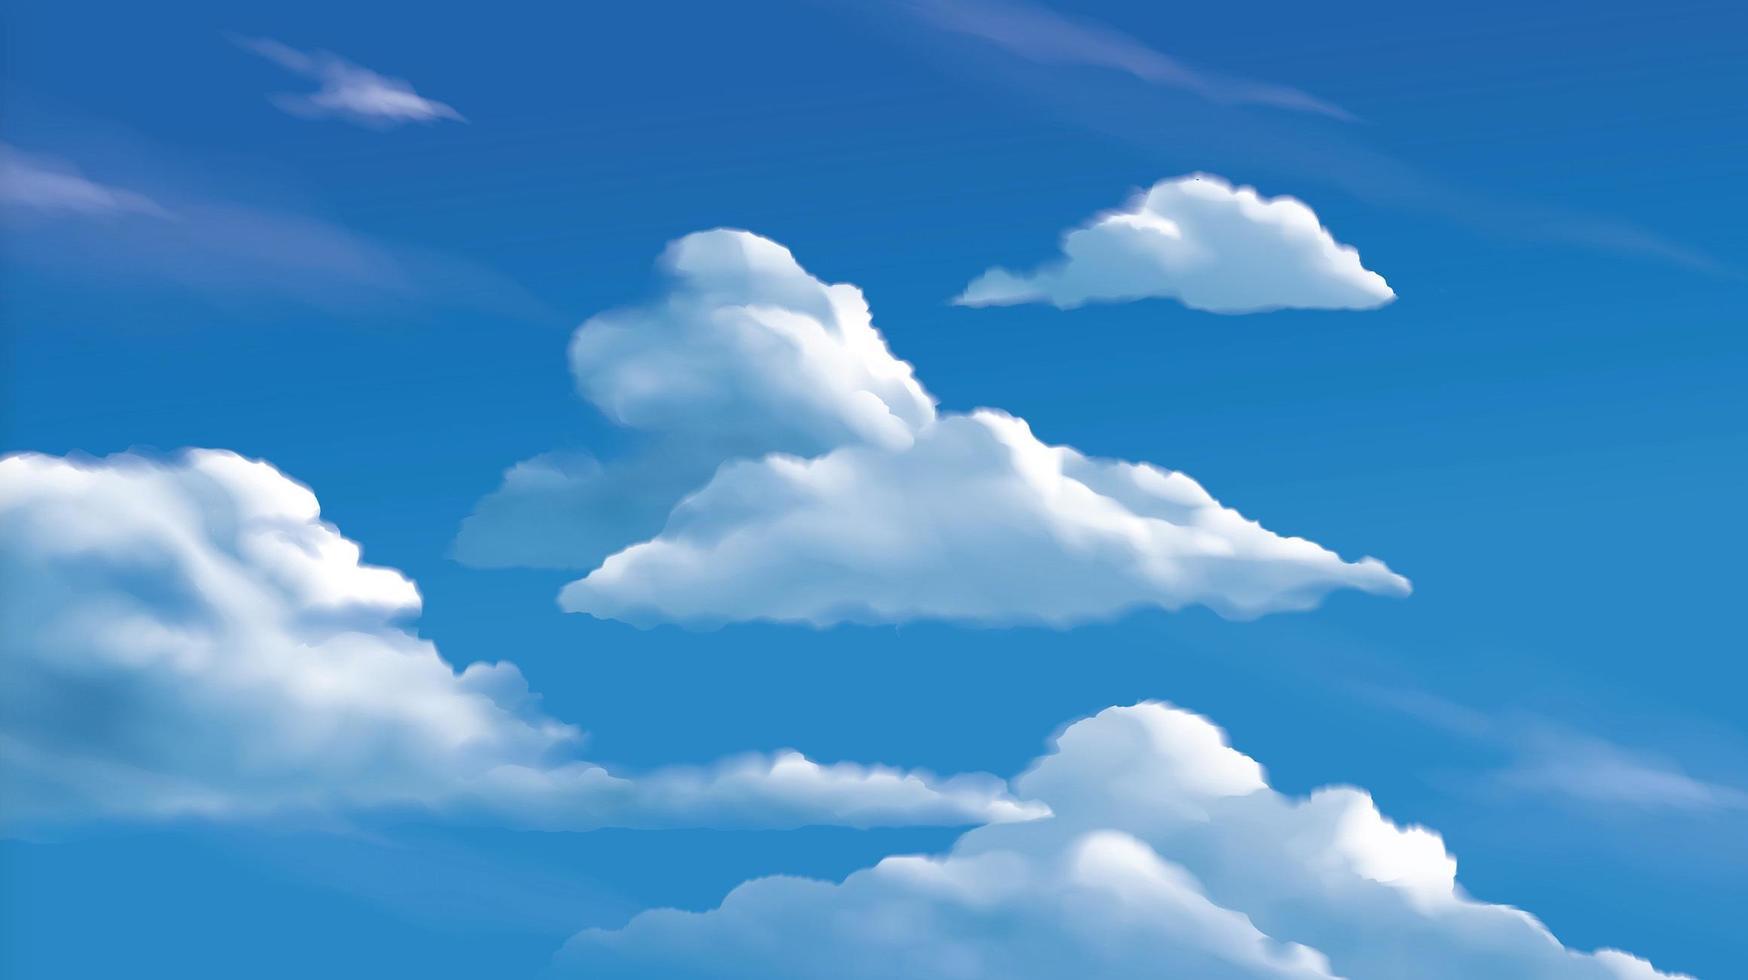 Stratocumuluswolken am strahlend blauen Himmel vektor